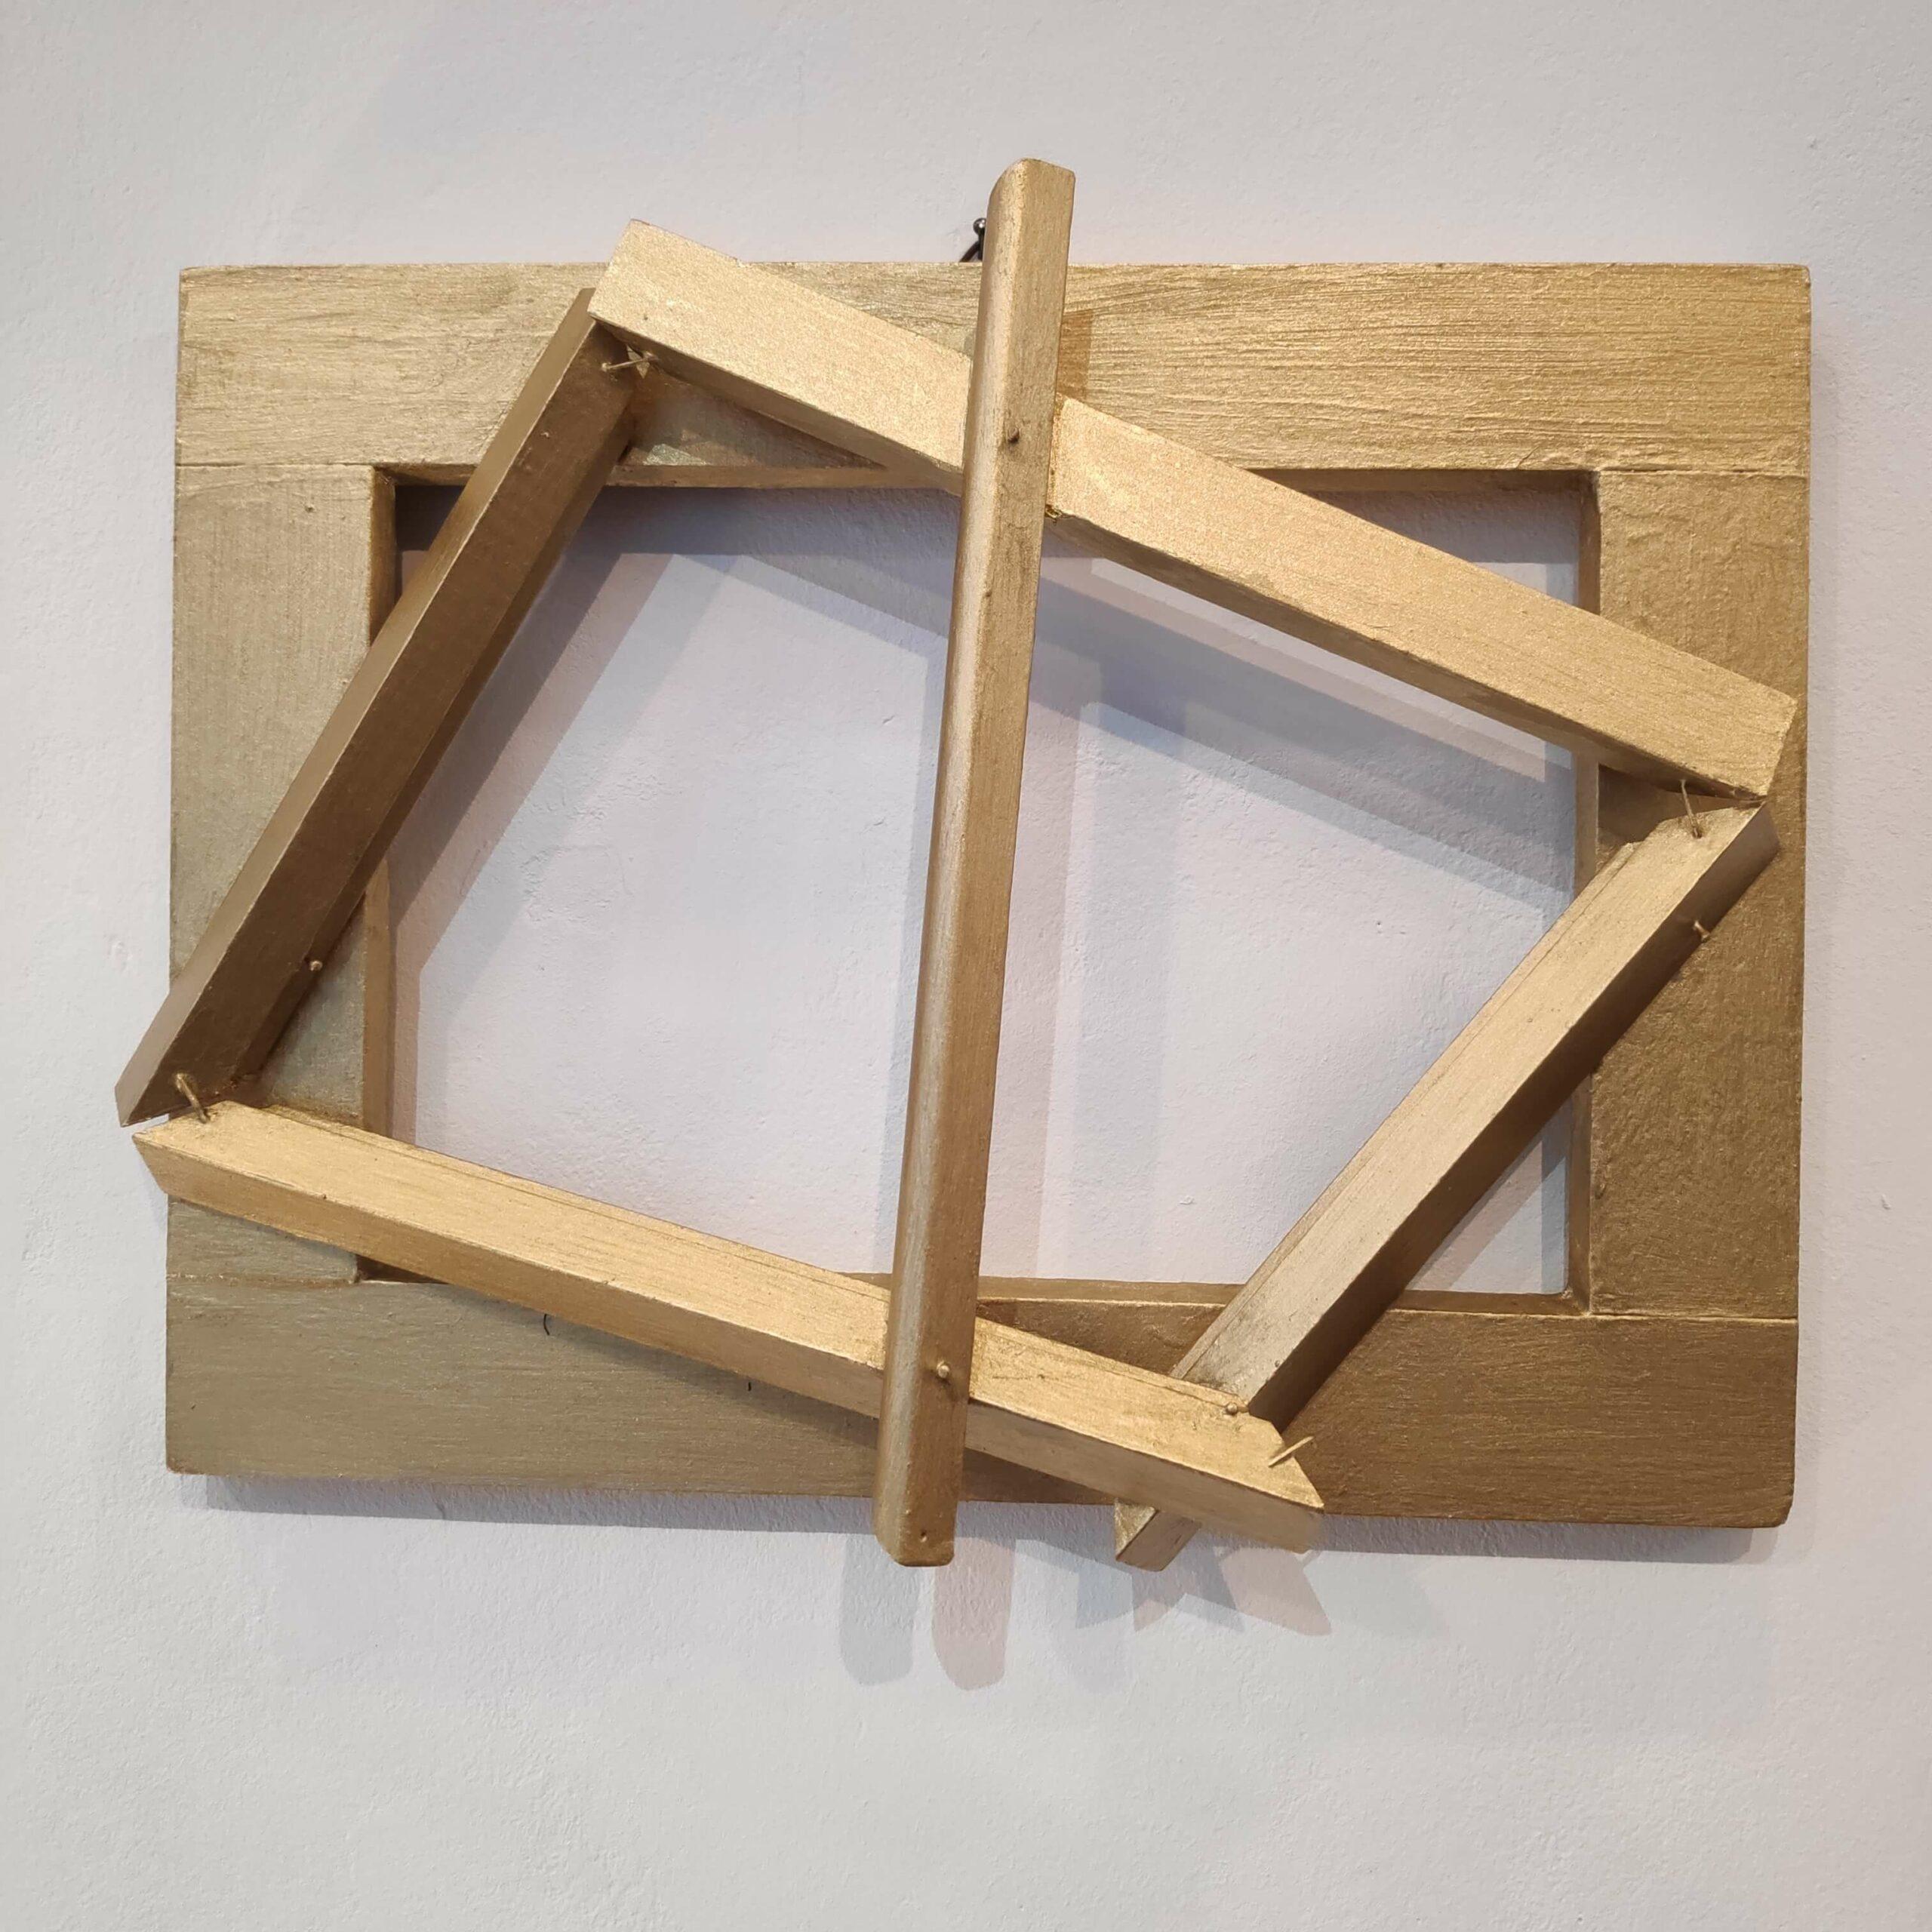 frame the frame